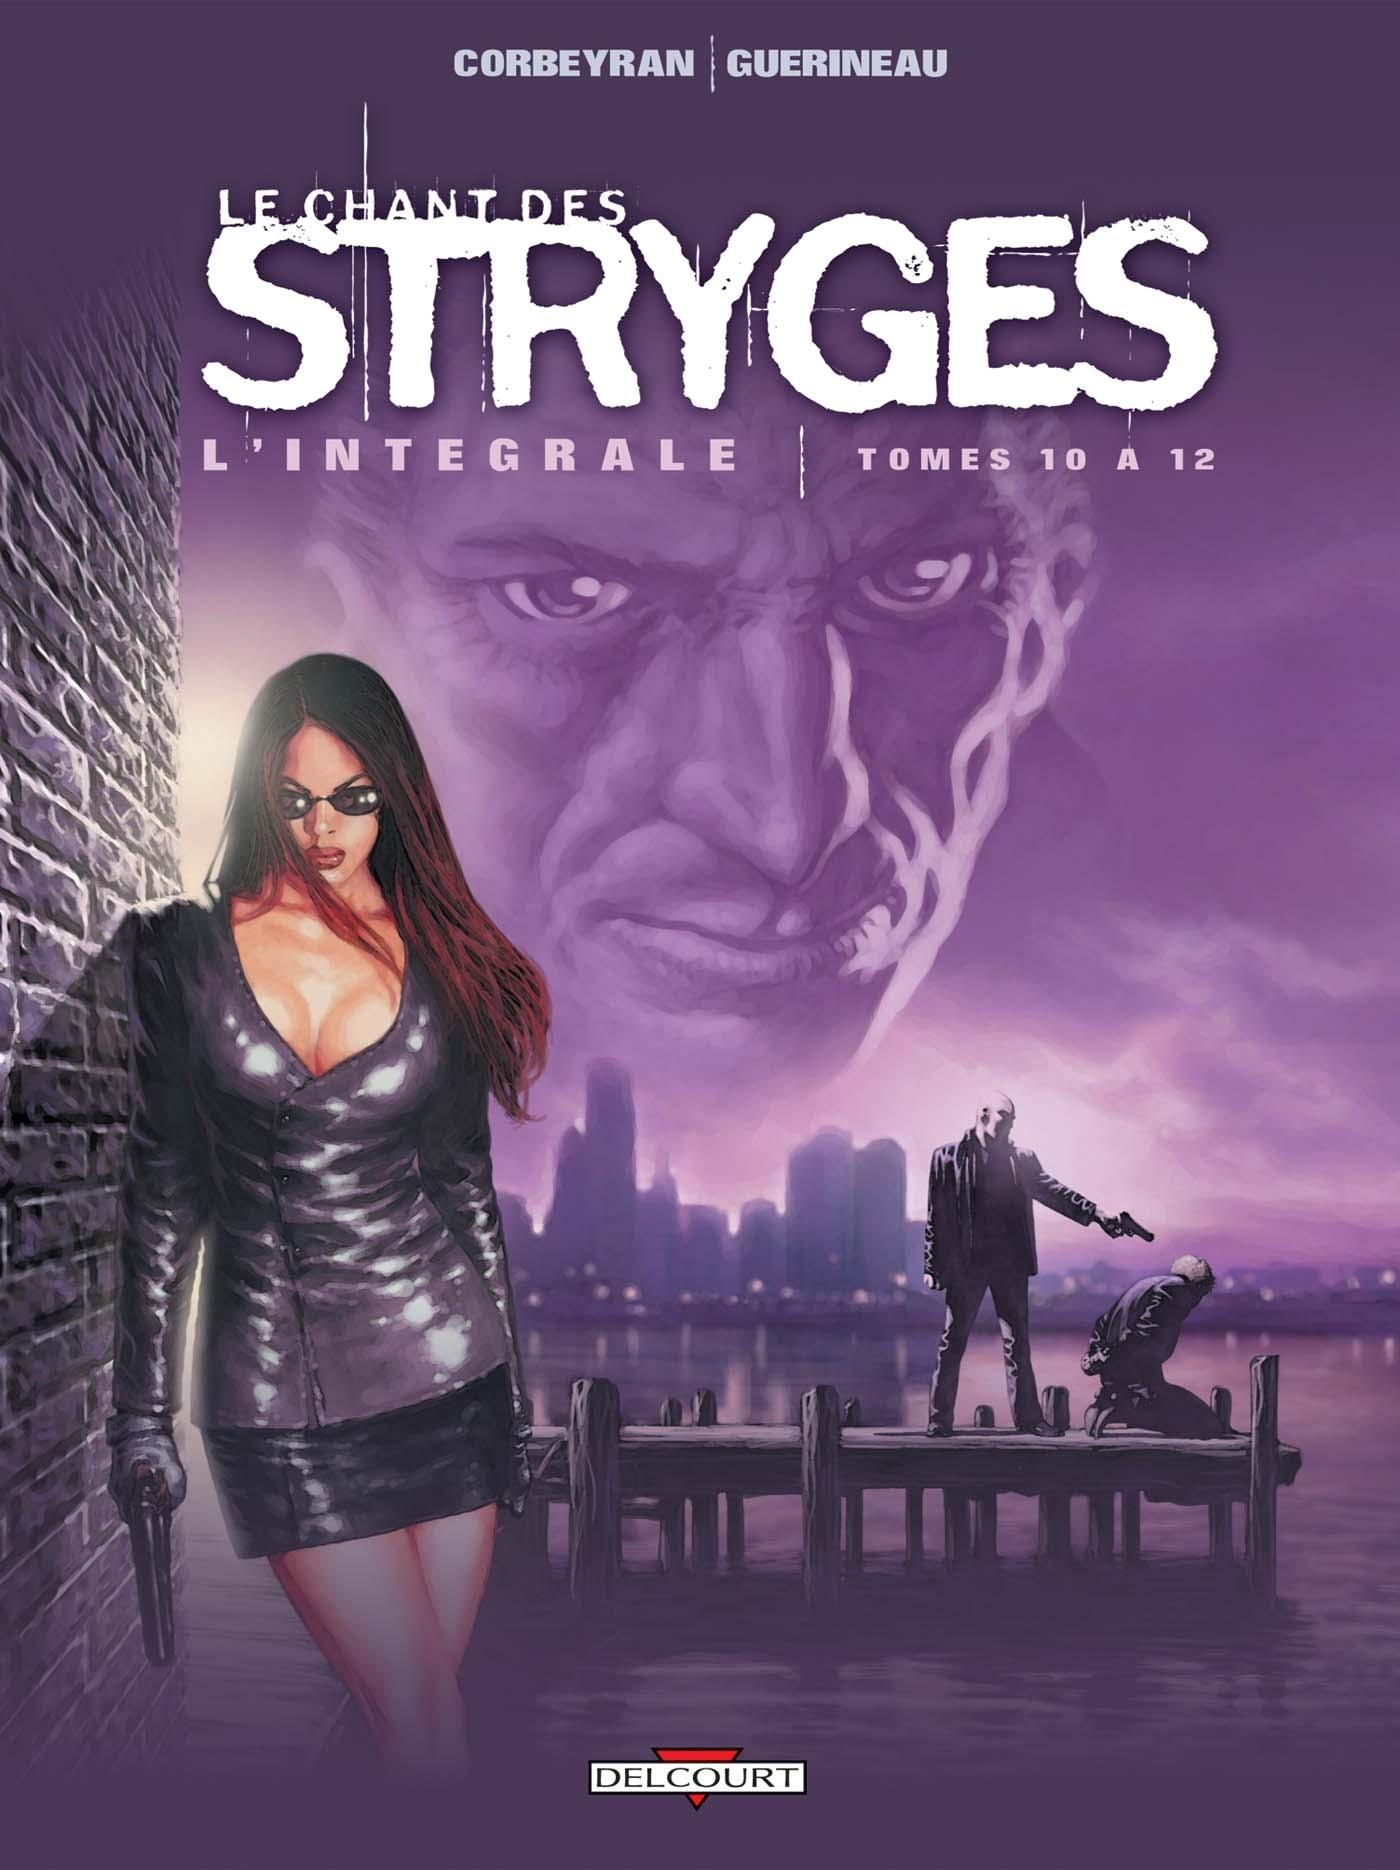 CHANT DES STRYGES INTEGRALE T10 A T12